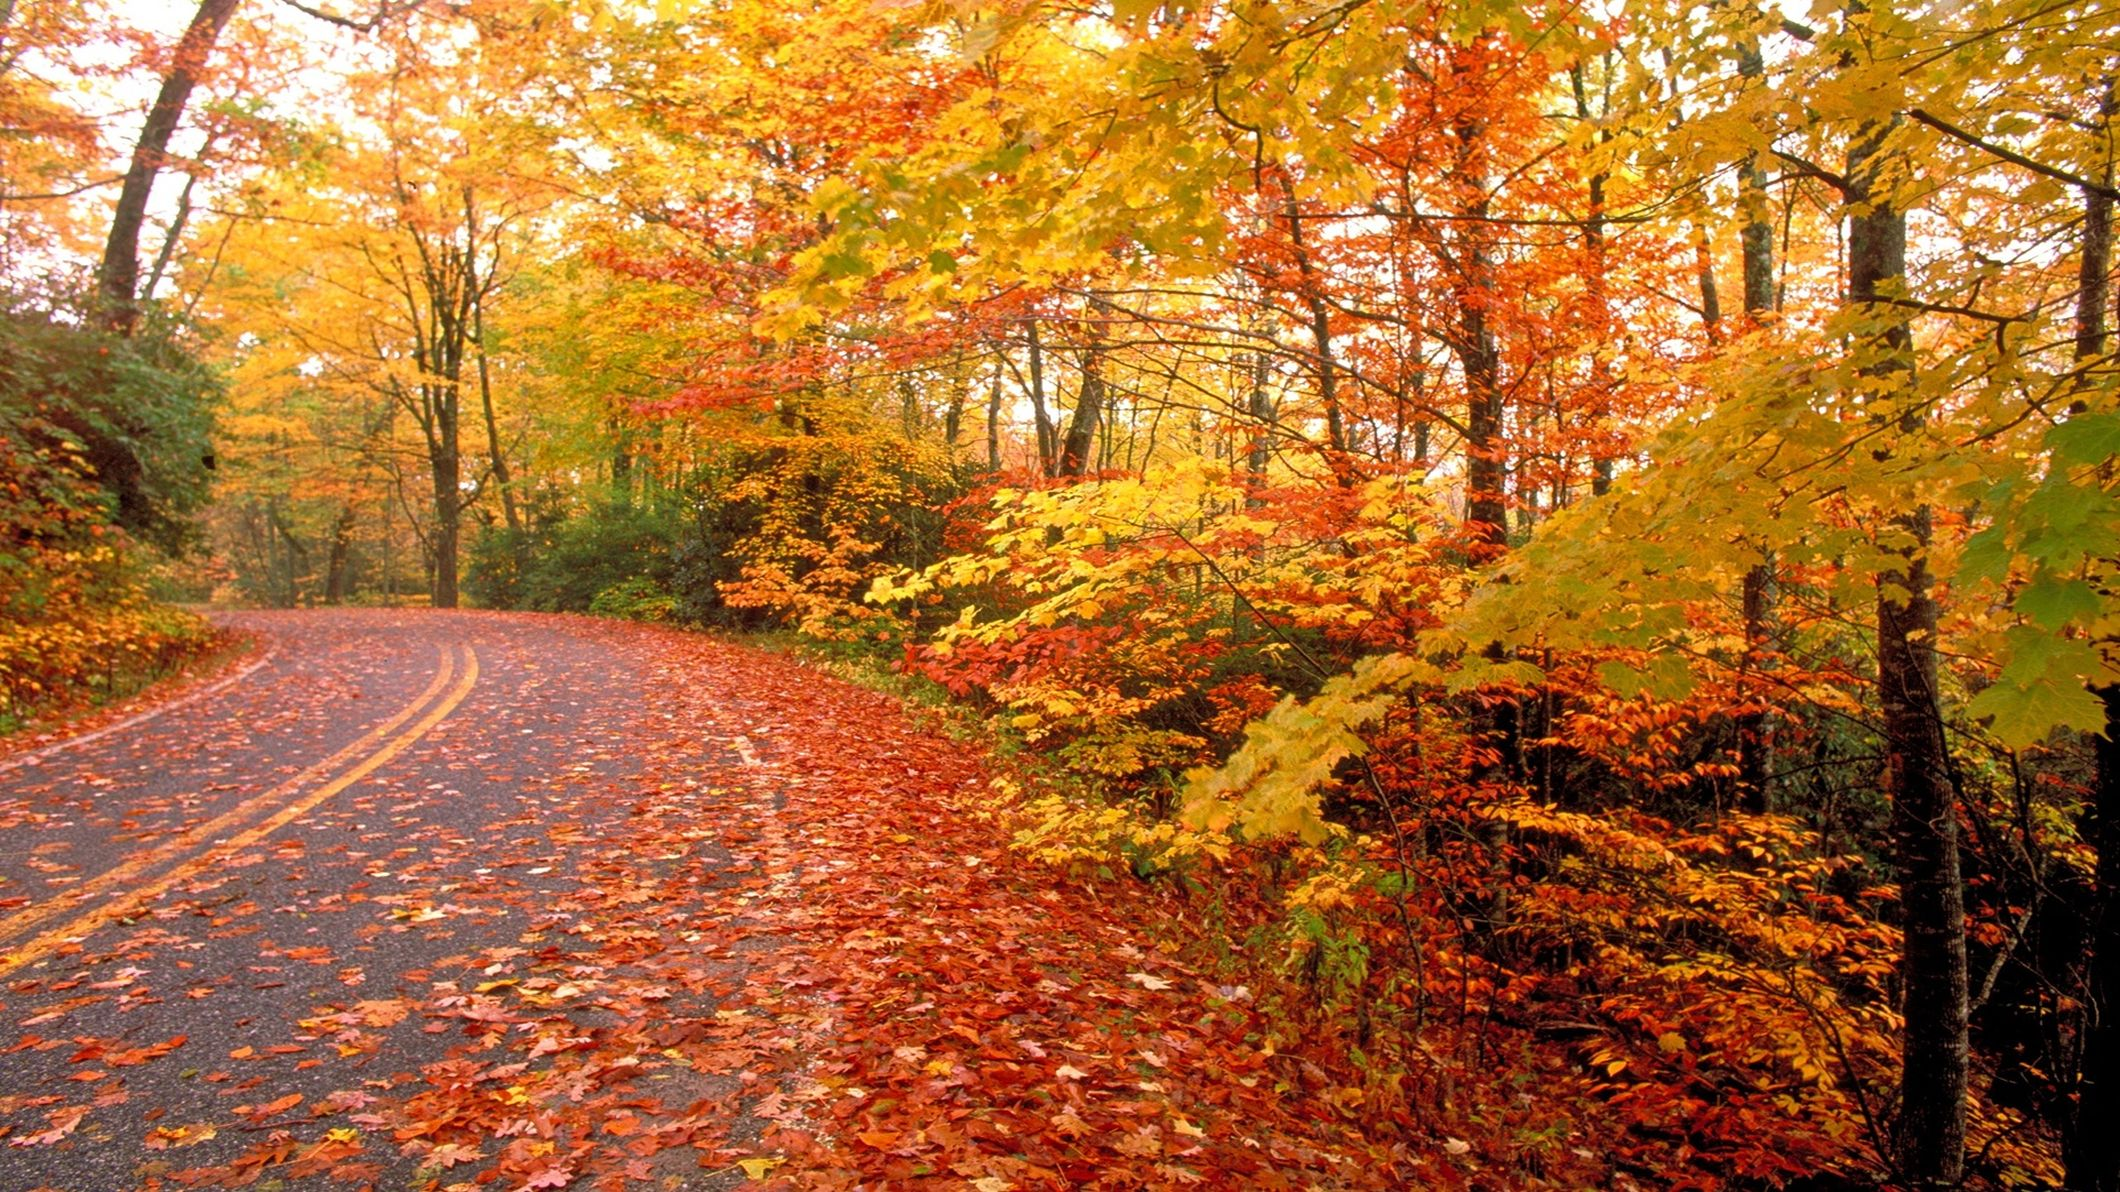 67+] Nature Fall Wallpaper on WallpaperSafari